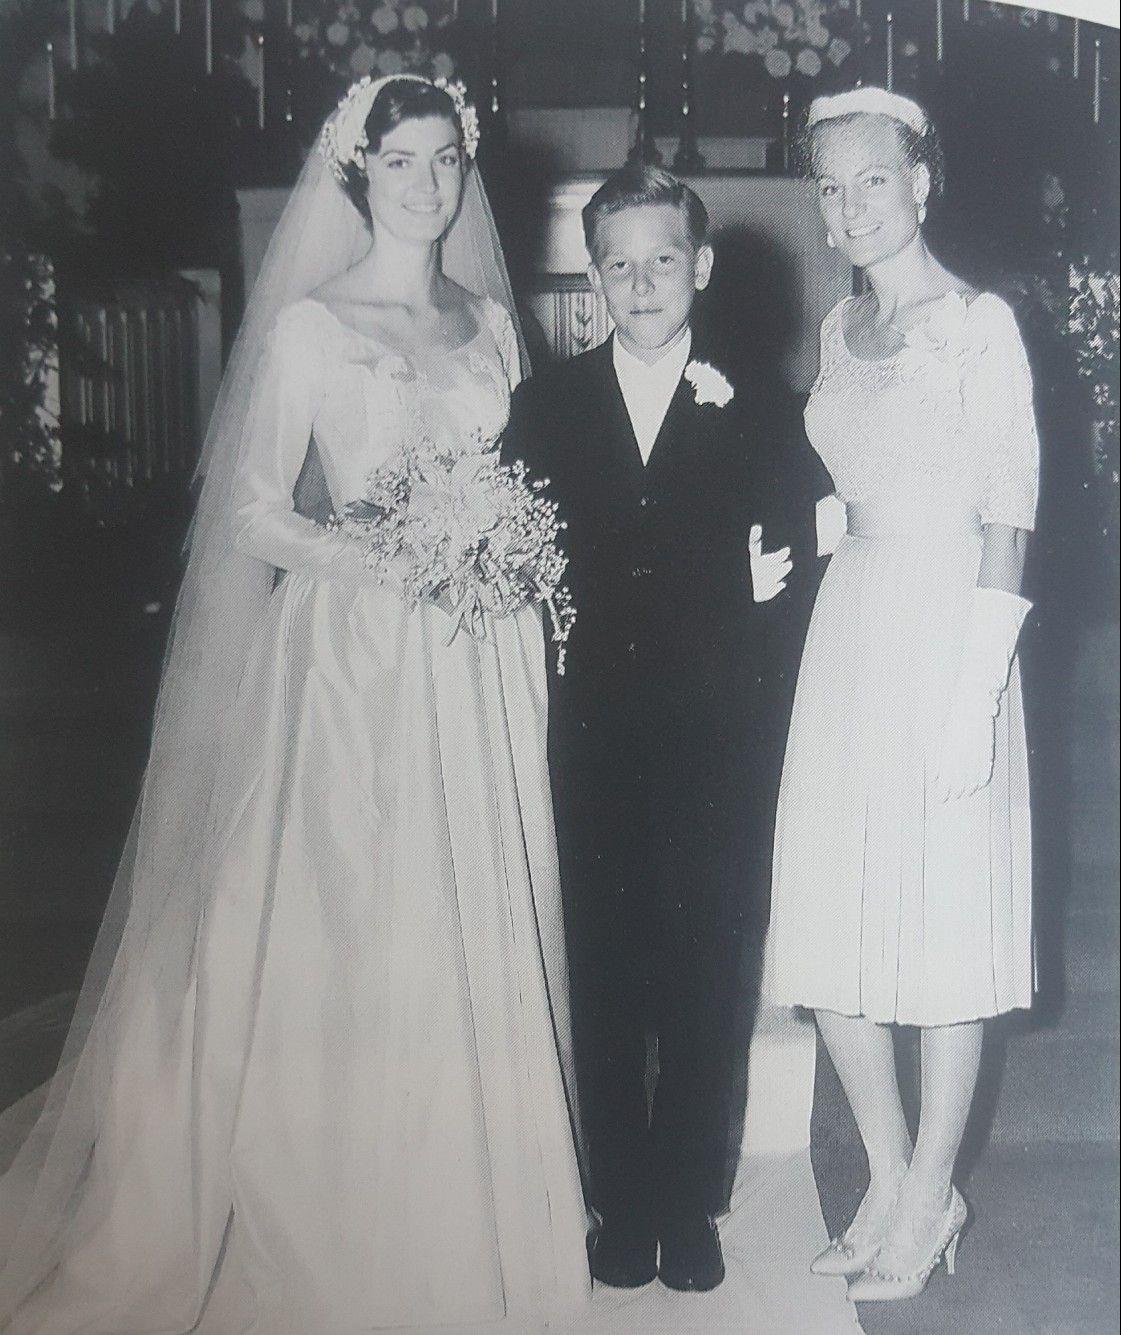 lycrecia hank jr and audrey at lycrecias wedding in 1960